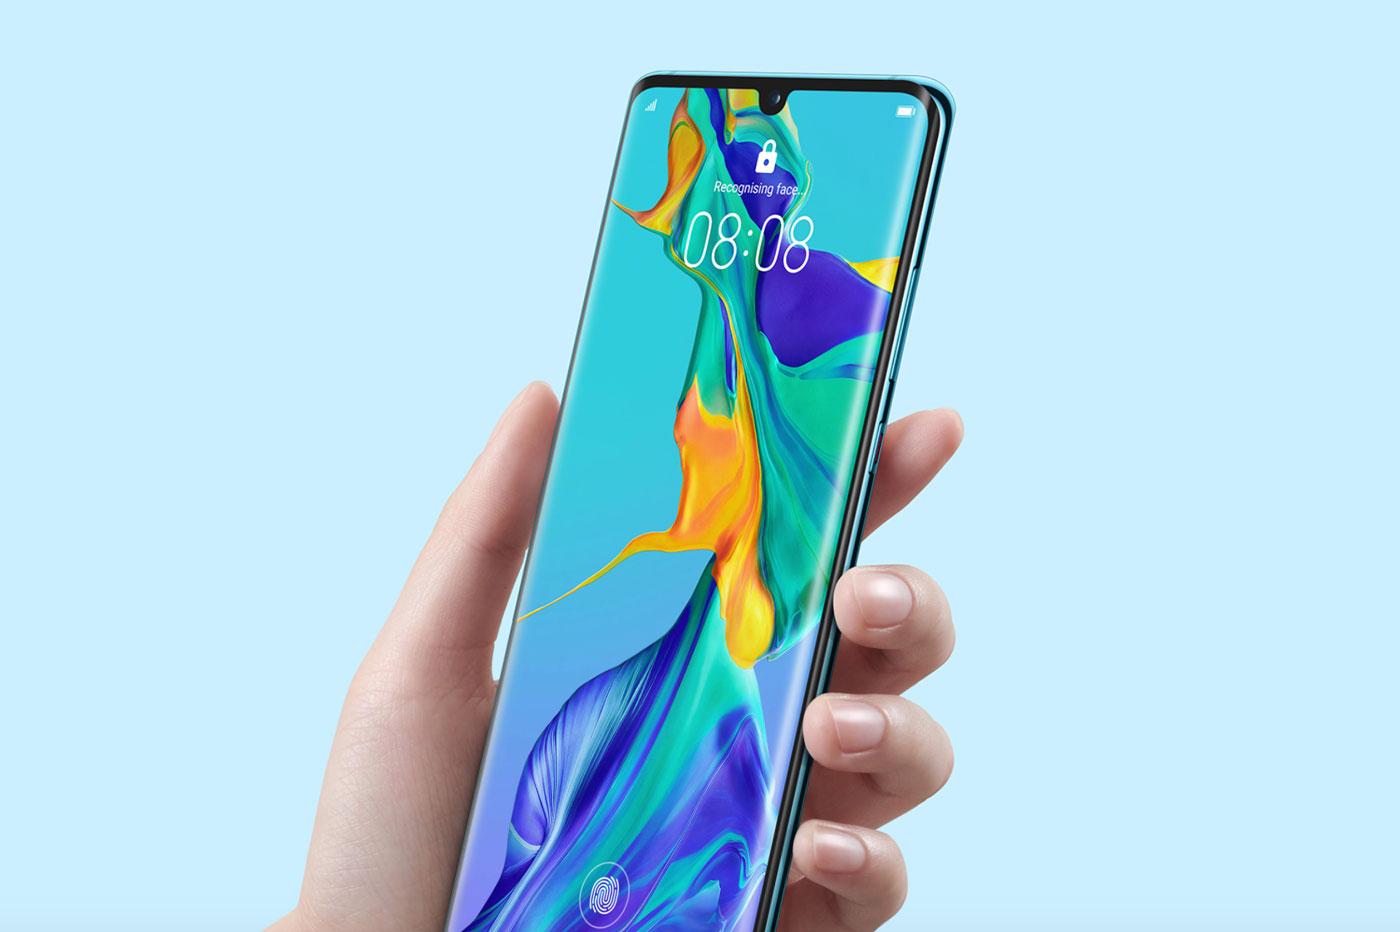 smartphone p30 - Huawei présente le P30 et le P30 Pro au lendemain de la keynote d'Apple